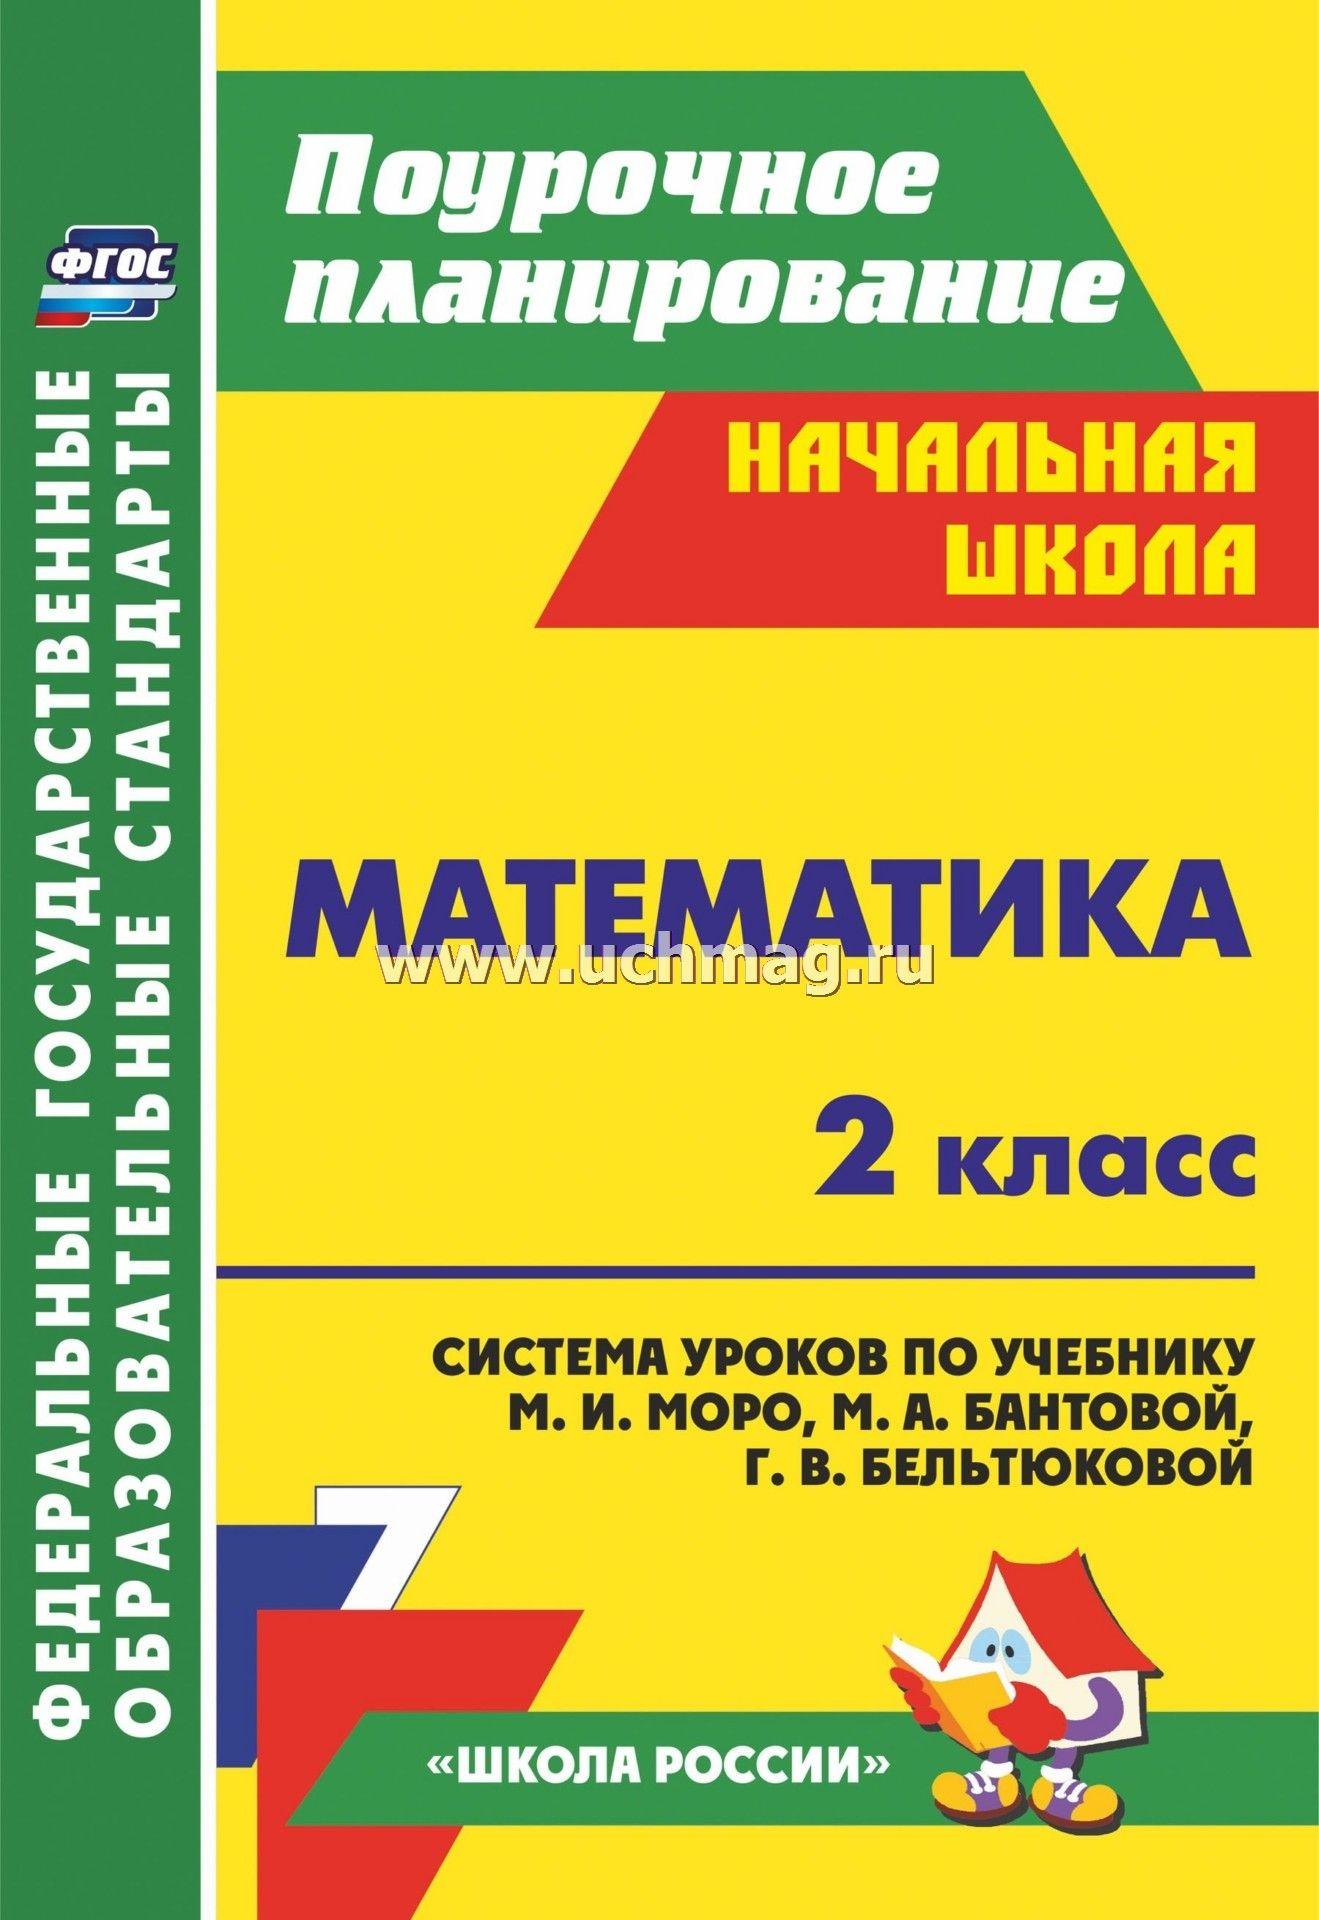 Поурочное планирование по математике моро 2 класс школа россии фгос по теме устные вычисления